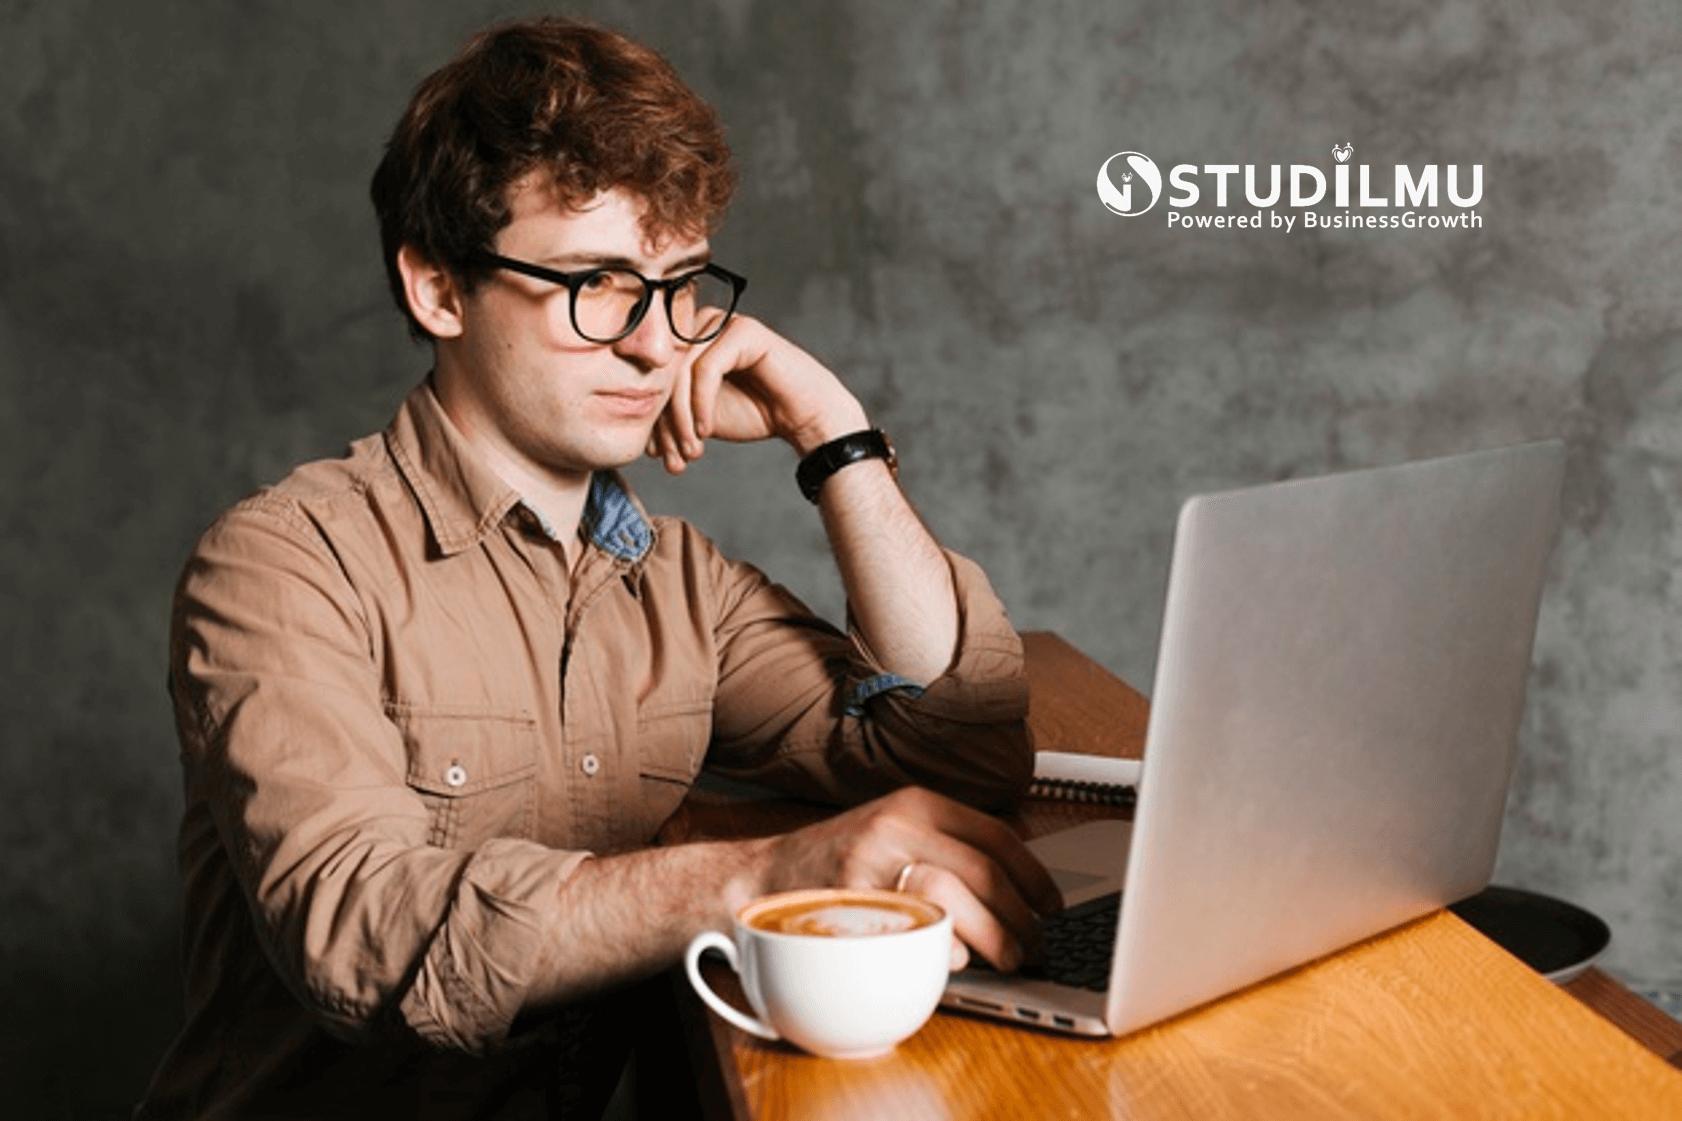 STUDILMU Career Advice - 4 Cara Membangun Teamwork bagi Tim yang Bekerja Secara Remote